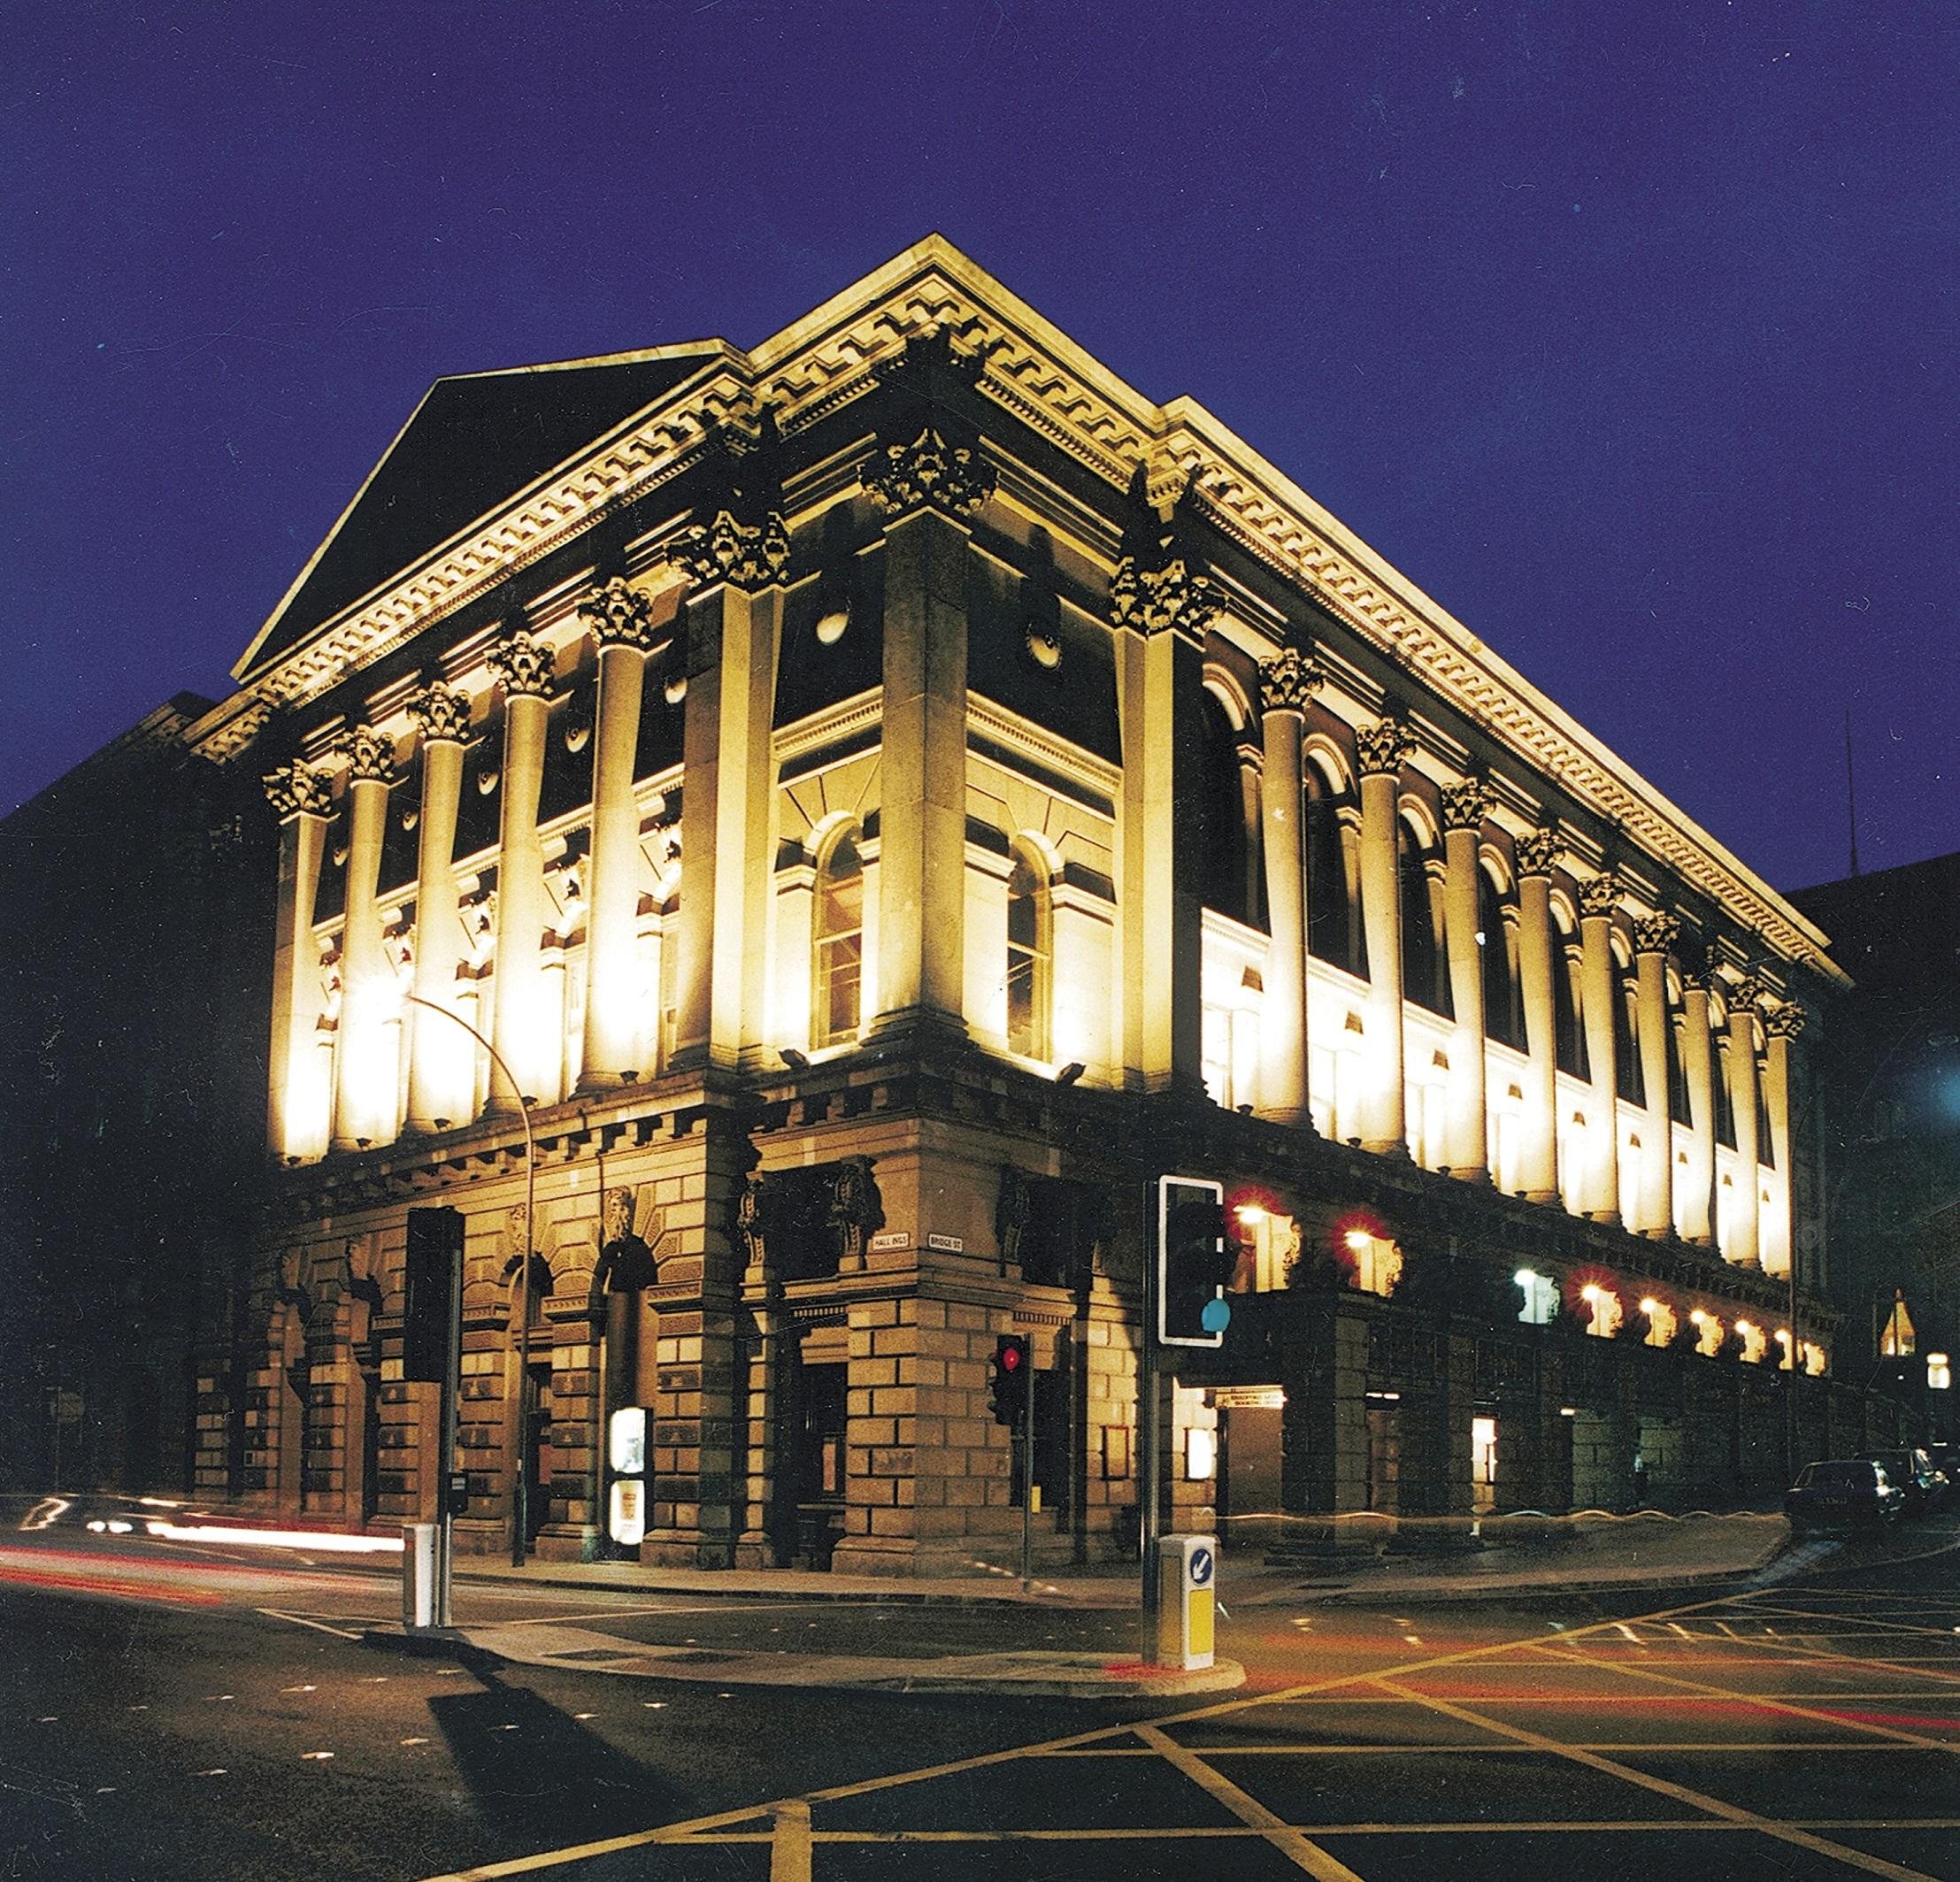 St George's Hall, Bradford